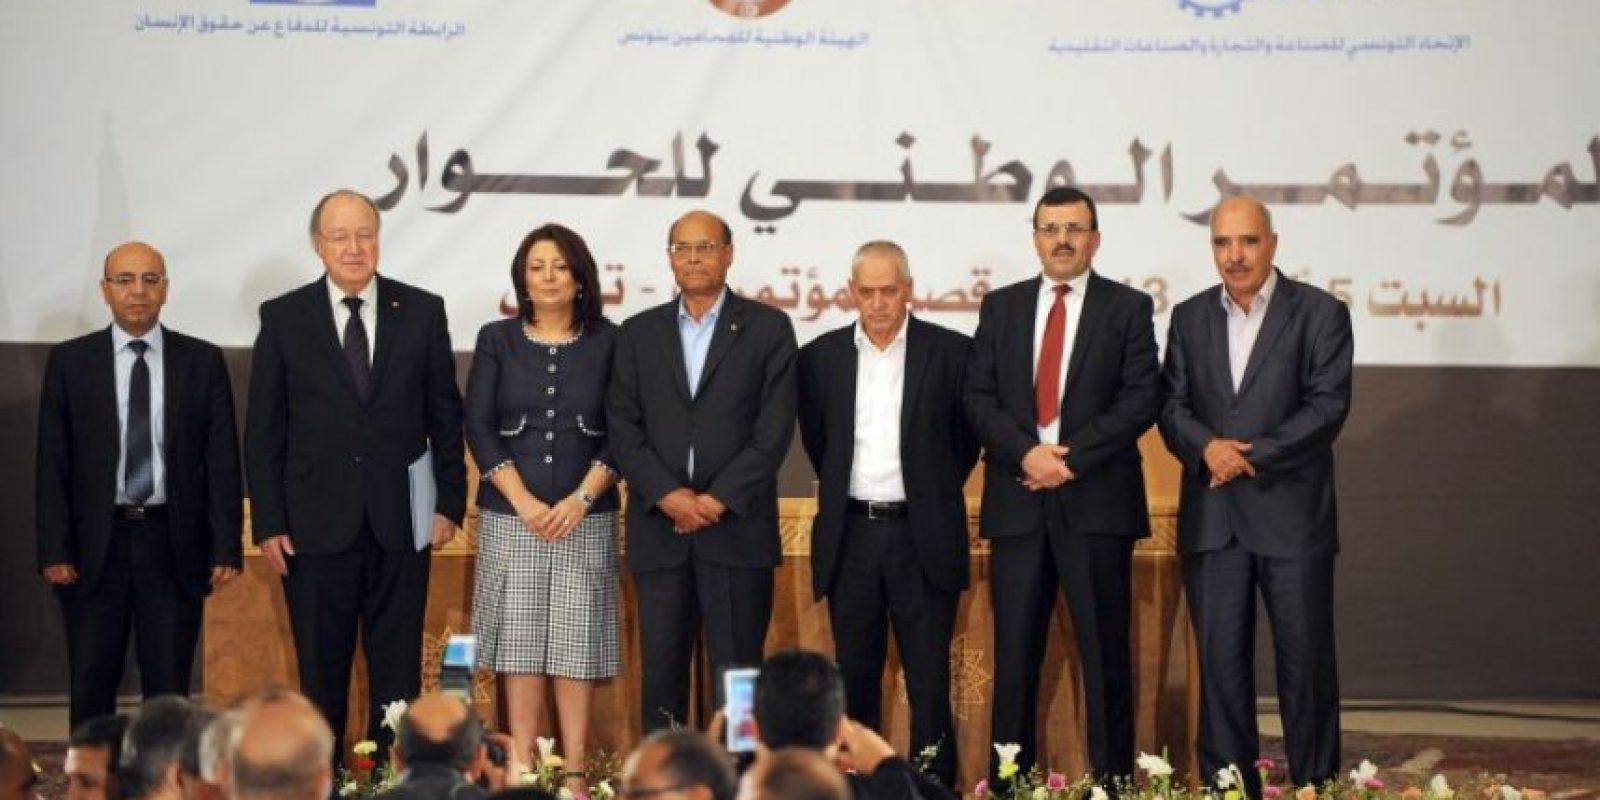 Su papel más importante fue participar en la organización de las elecciones de 2014 Foto:AFP